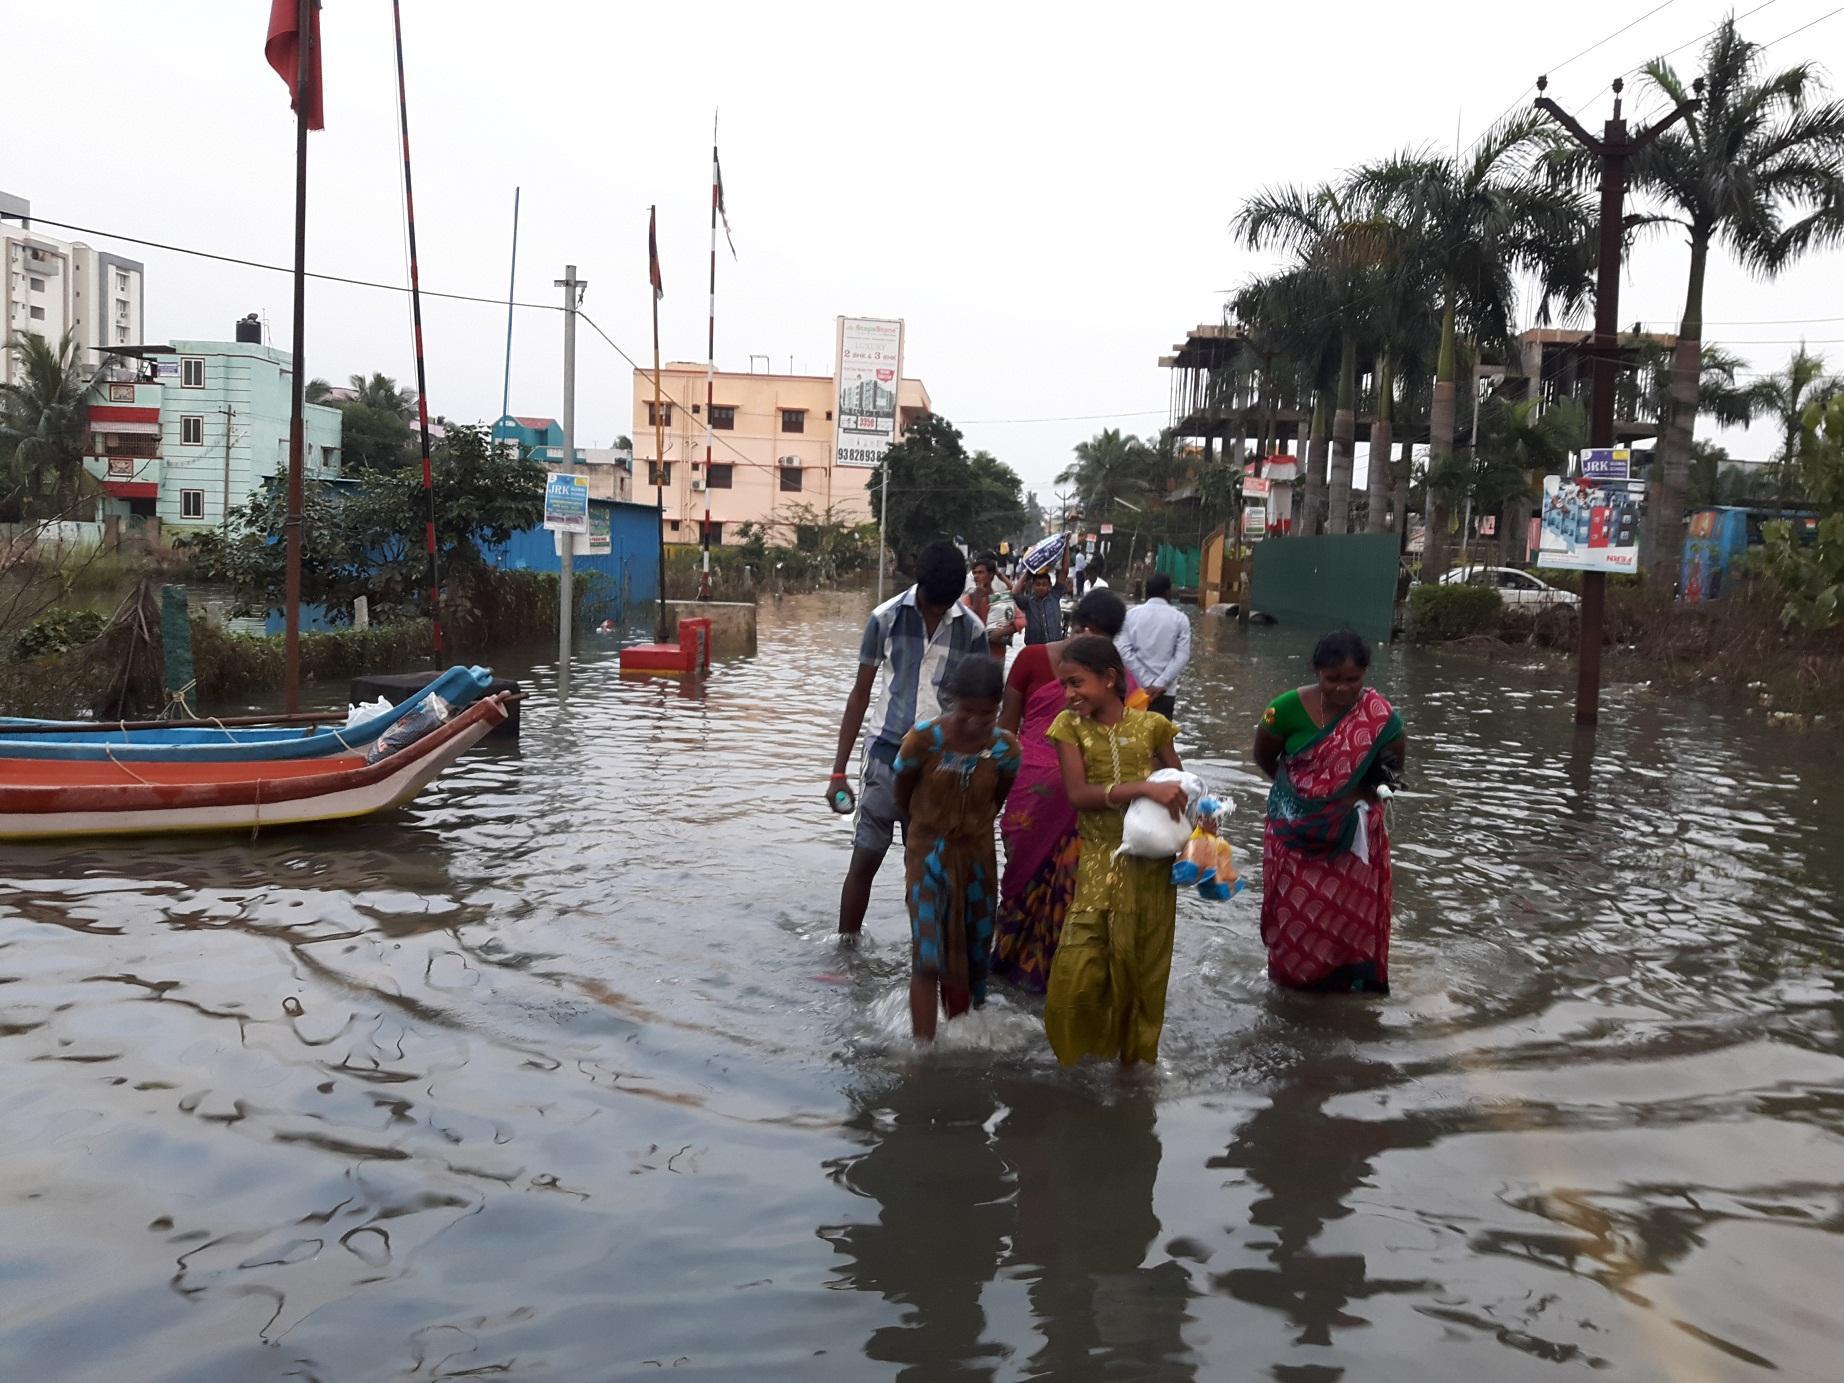 சென்னை புறநகர் மழை பாதிப்பு